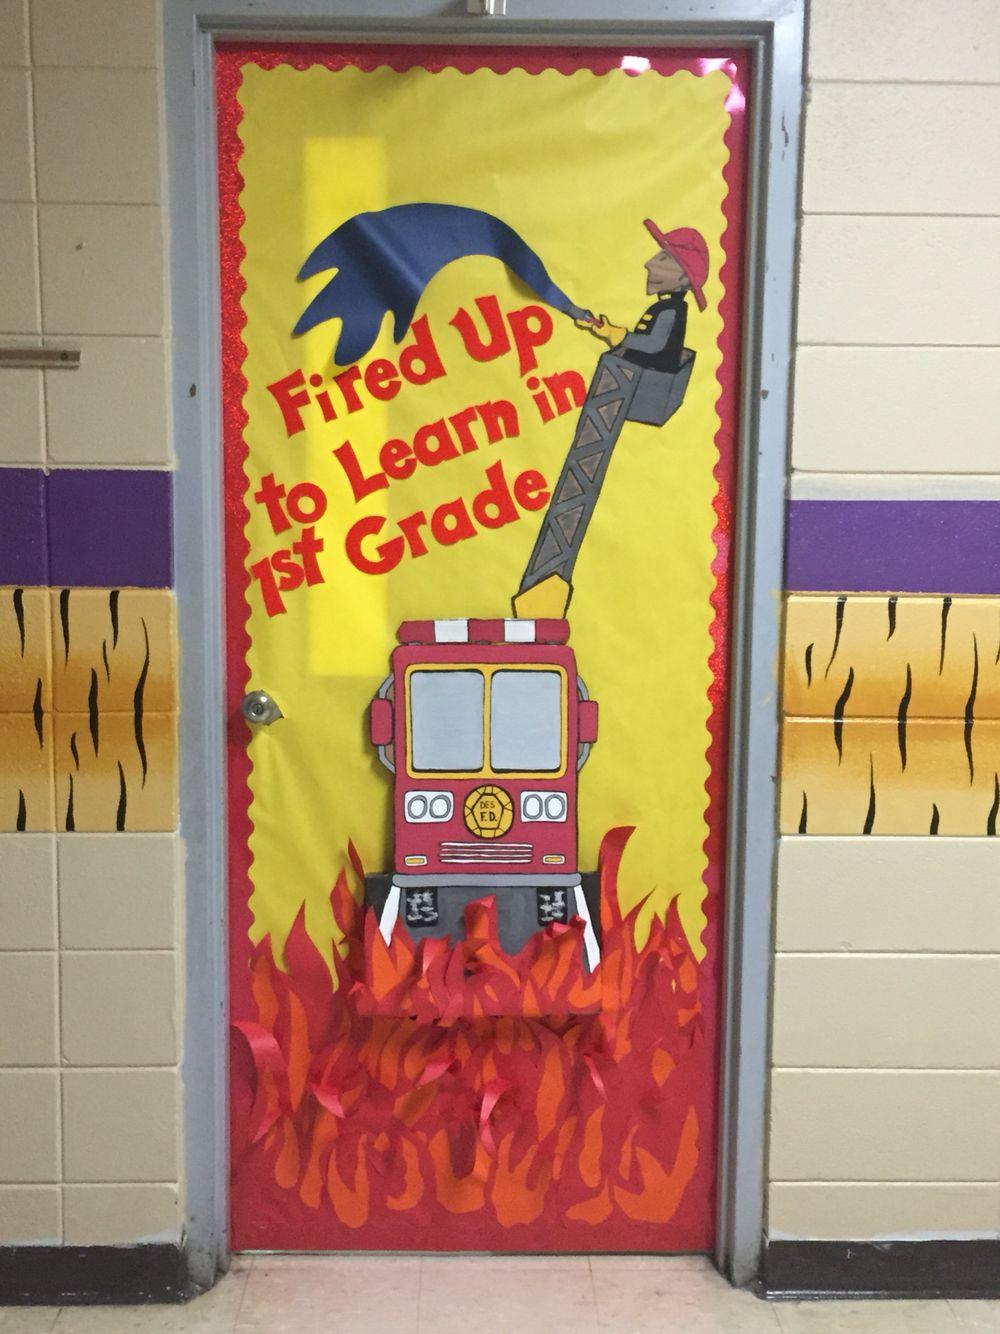 Back to school firefighter fire truck door decoration | Bomberos ...